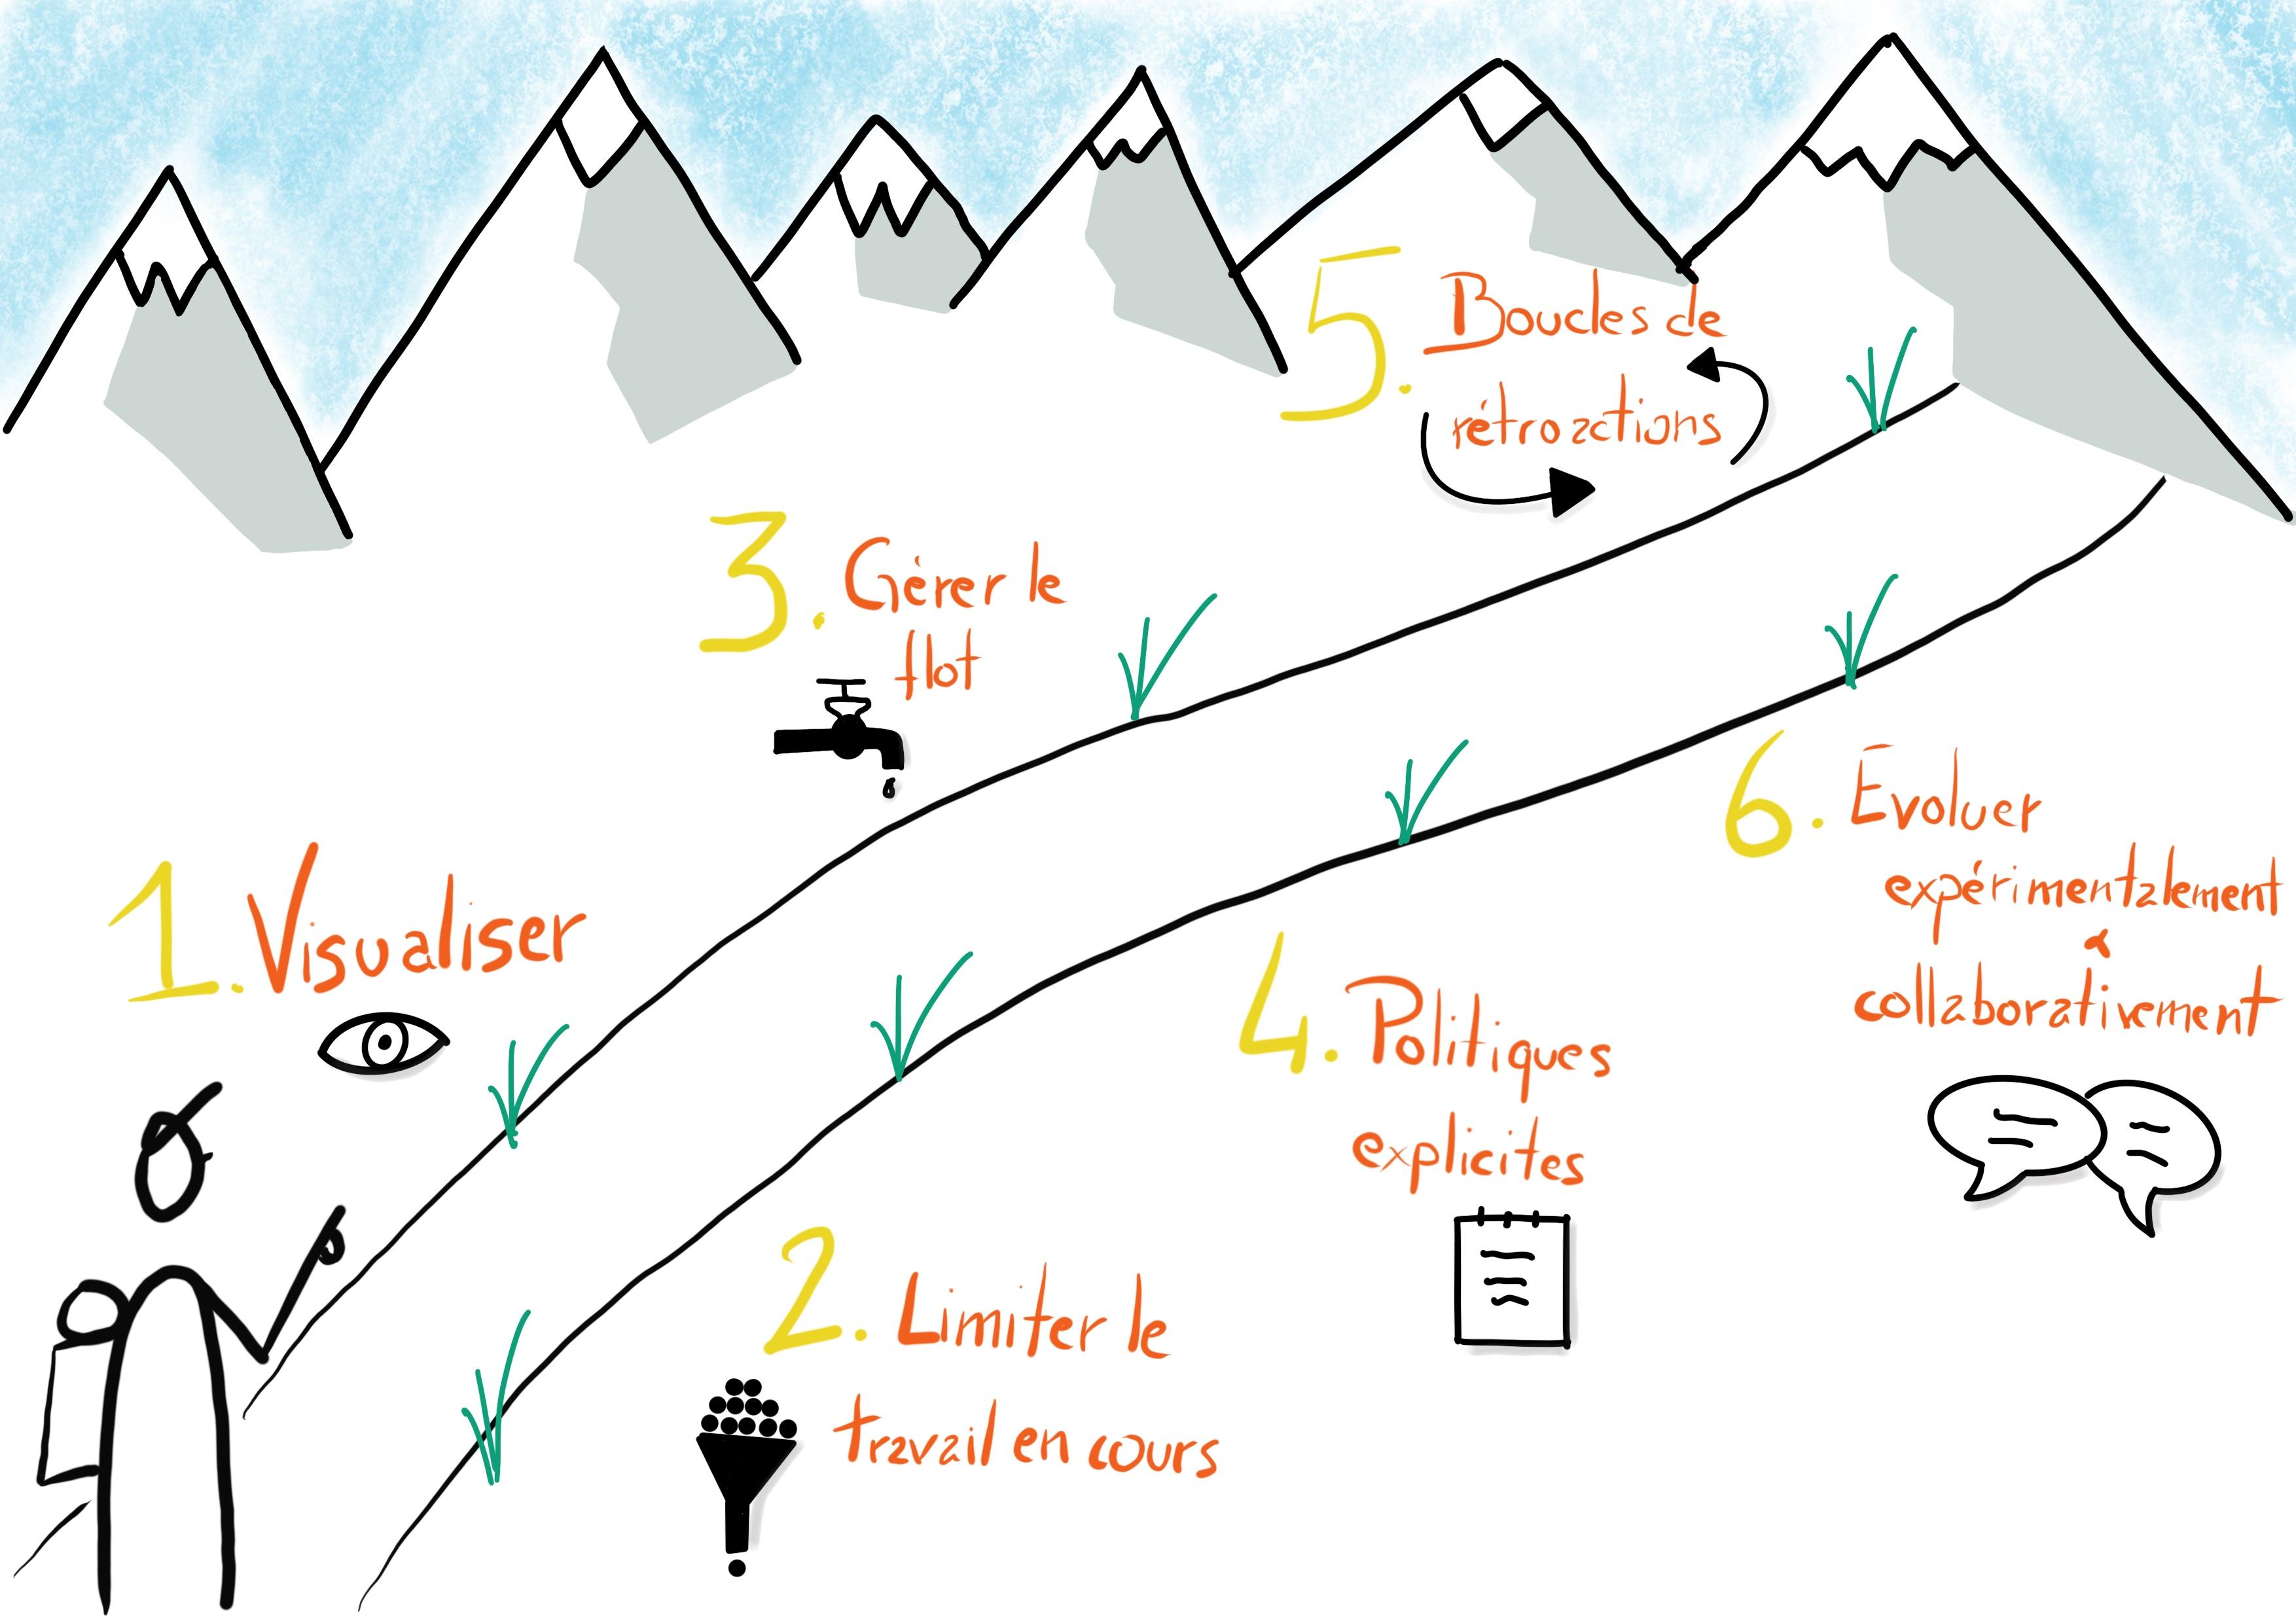 Kanban 6 etapes